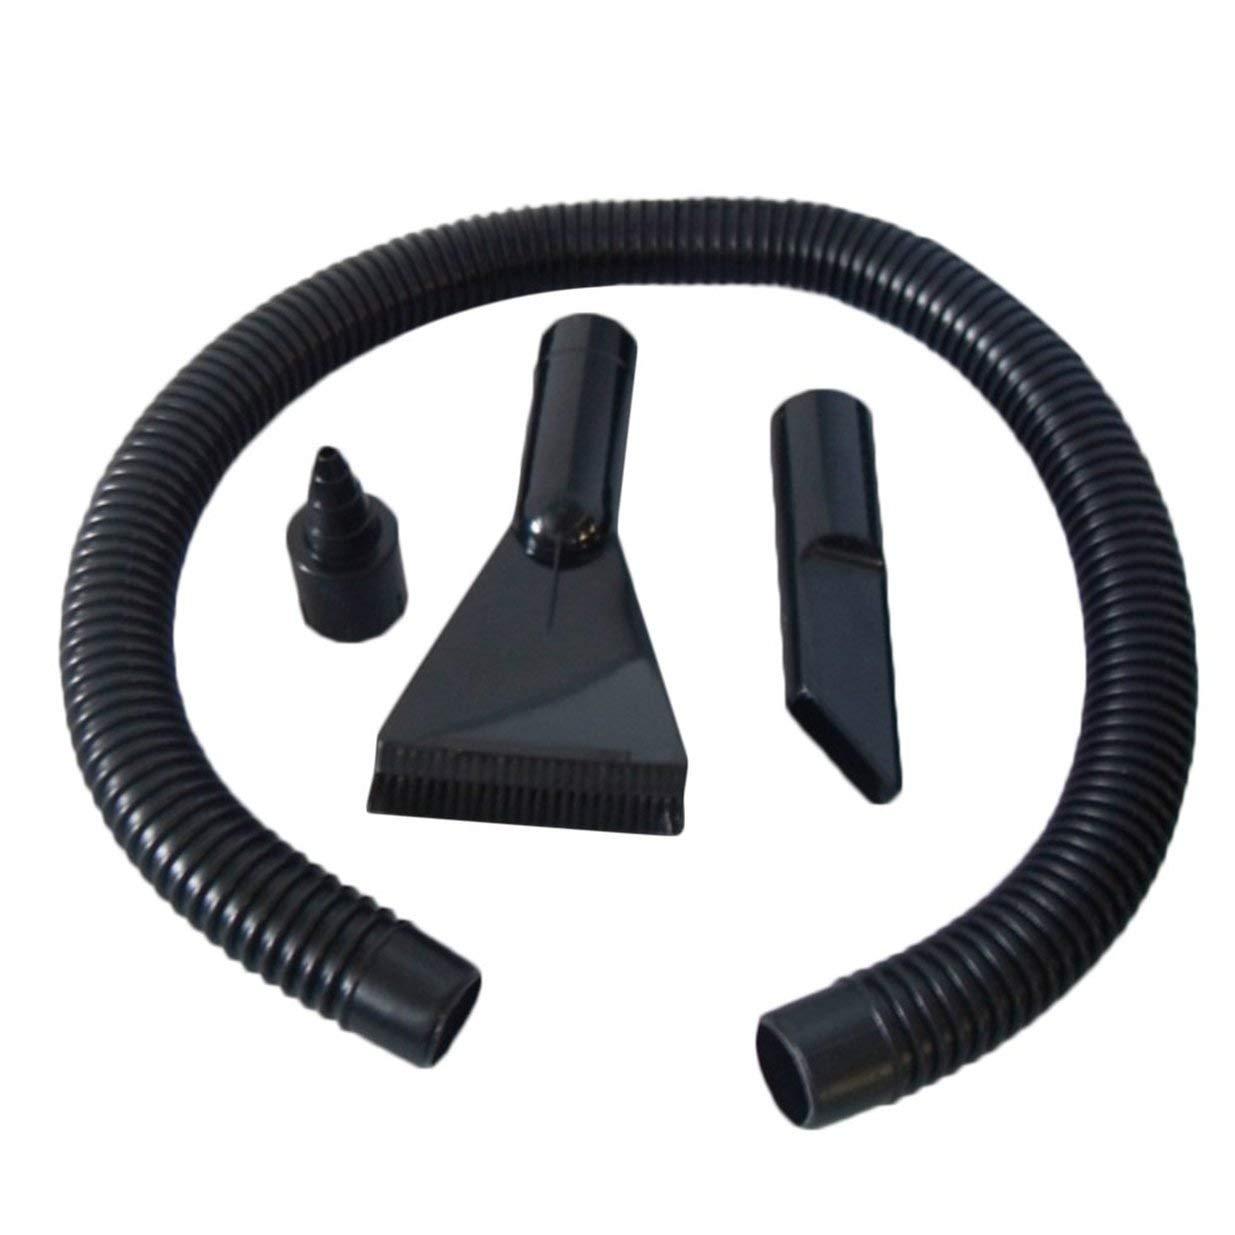 Sairis Aspirateur de Voiture Puissant /à Double Usage processus de Nettoyage Facile et sans tracas Double Usage Puissant Sec et Humide DC 12 V